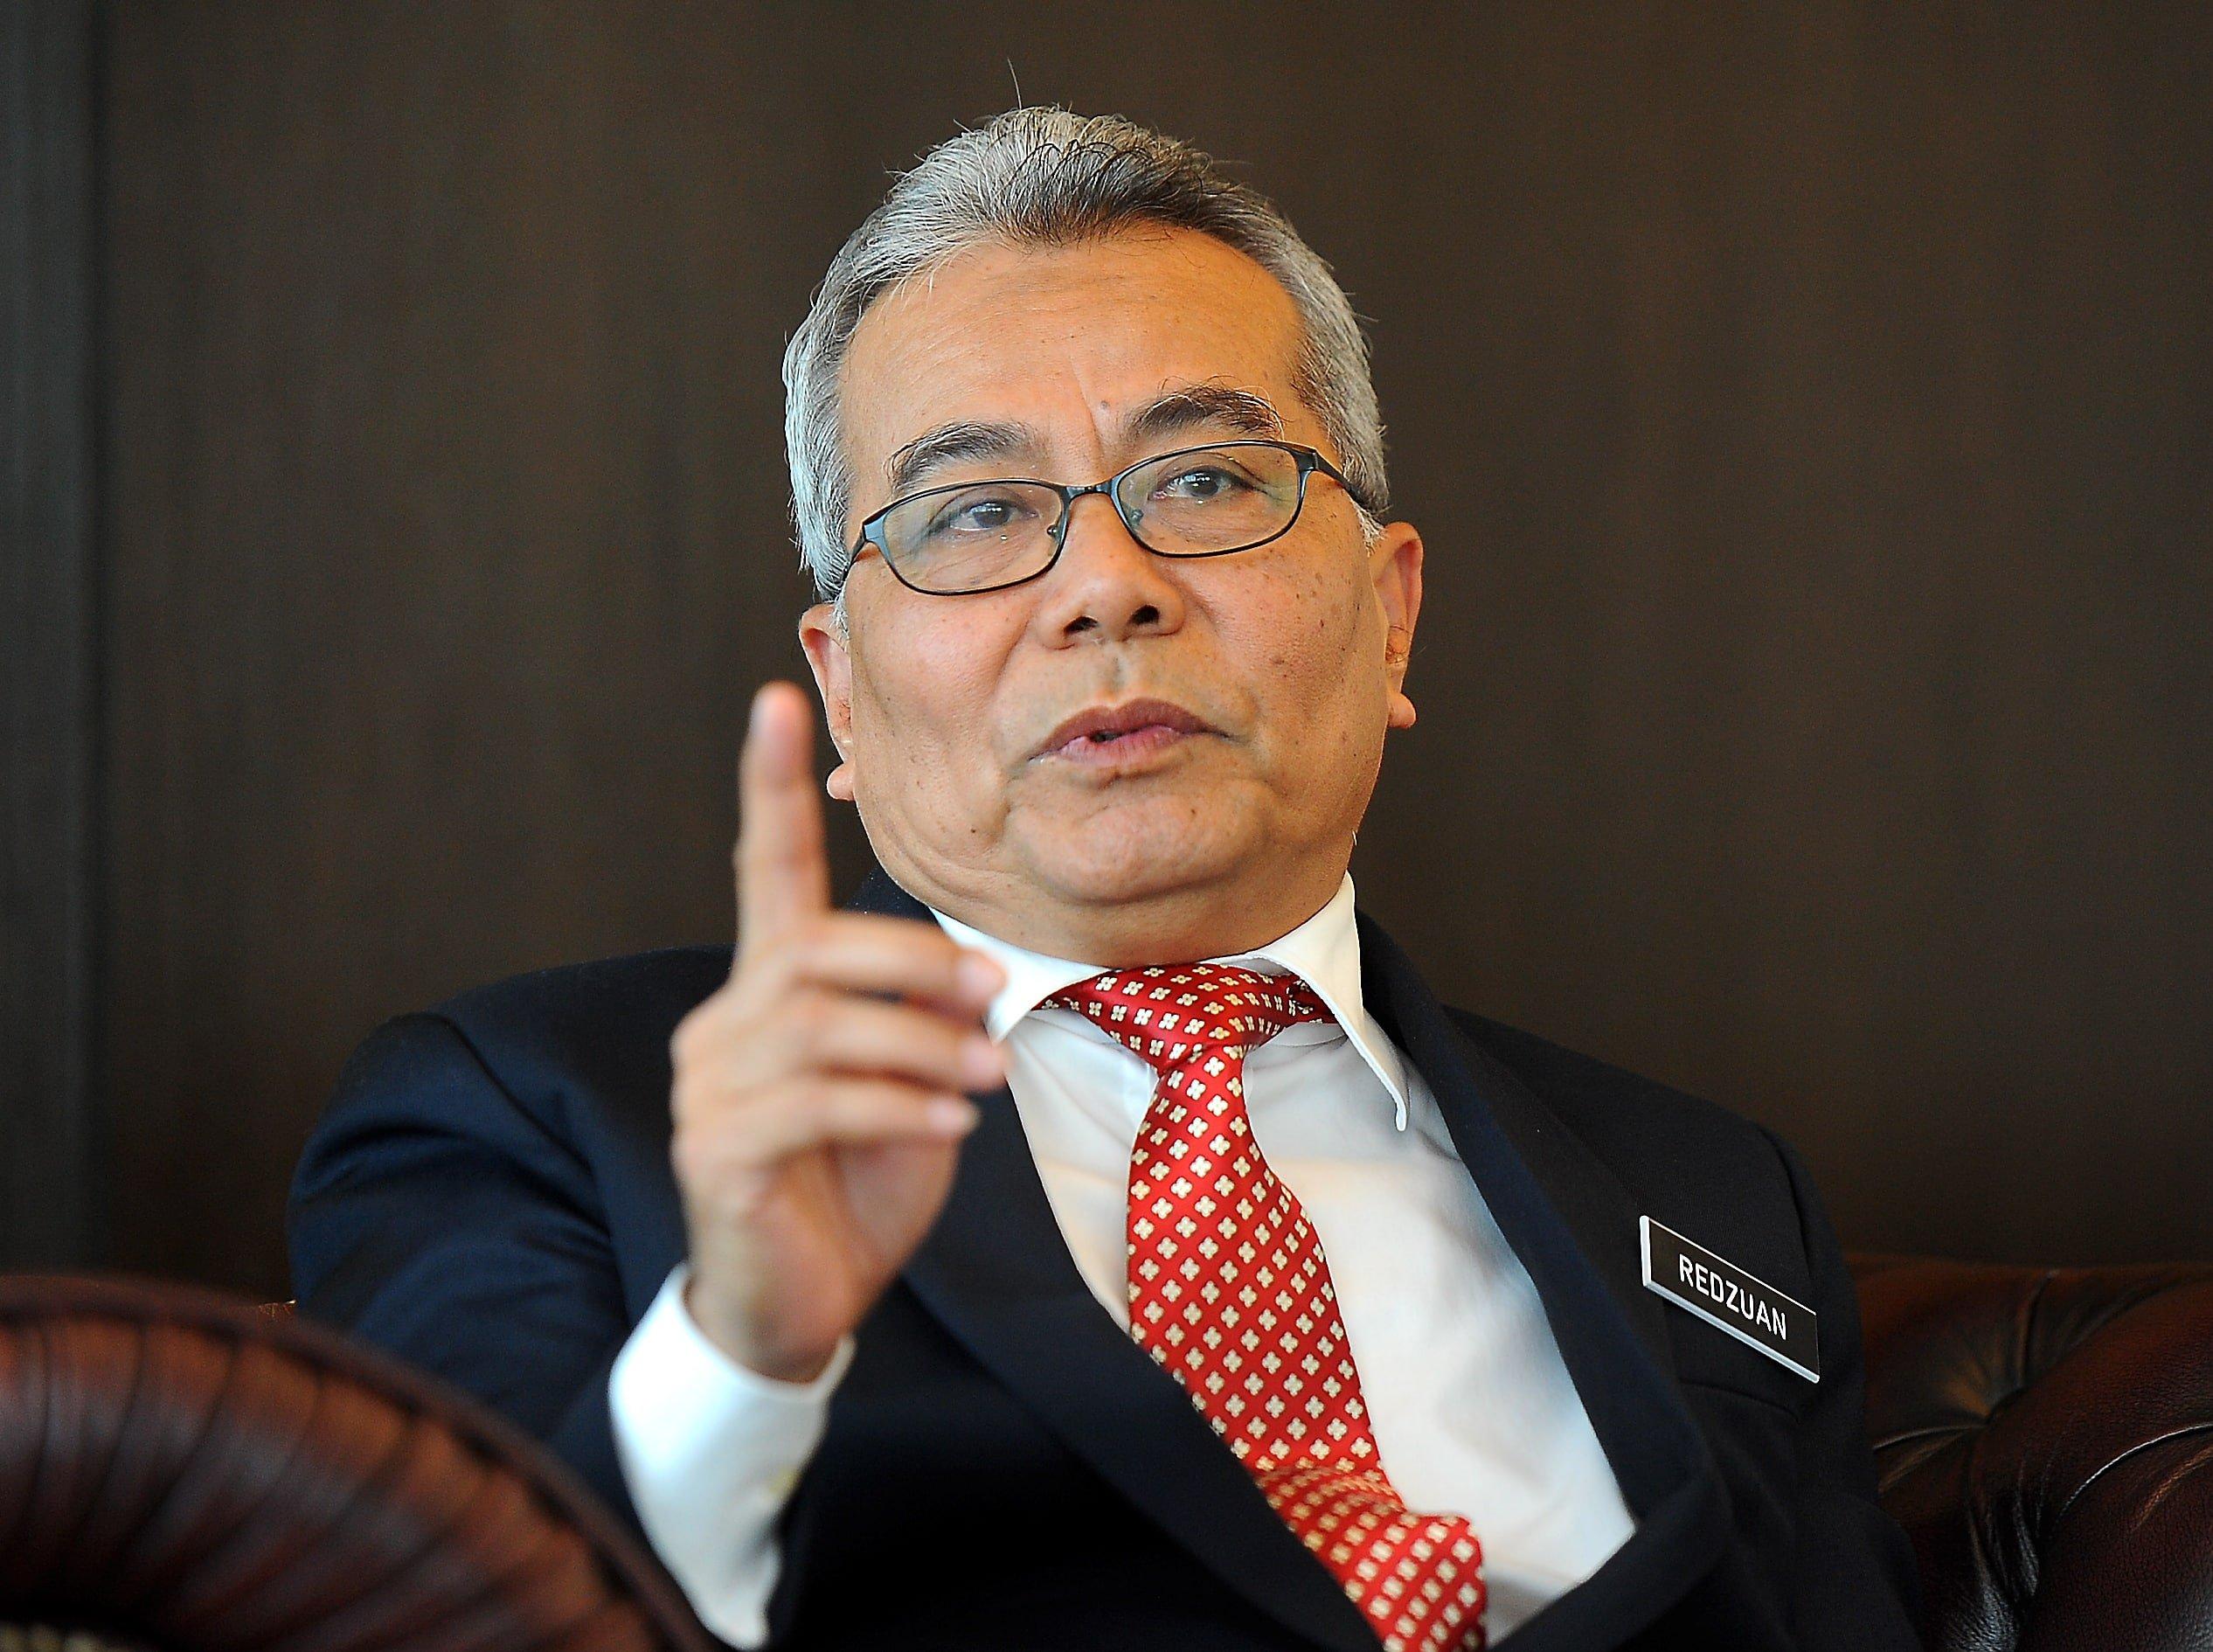 Menteri kritik kerajaan lebih suka jatuhkan hukuman daripada bantu rakyat